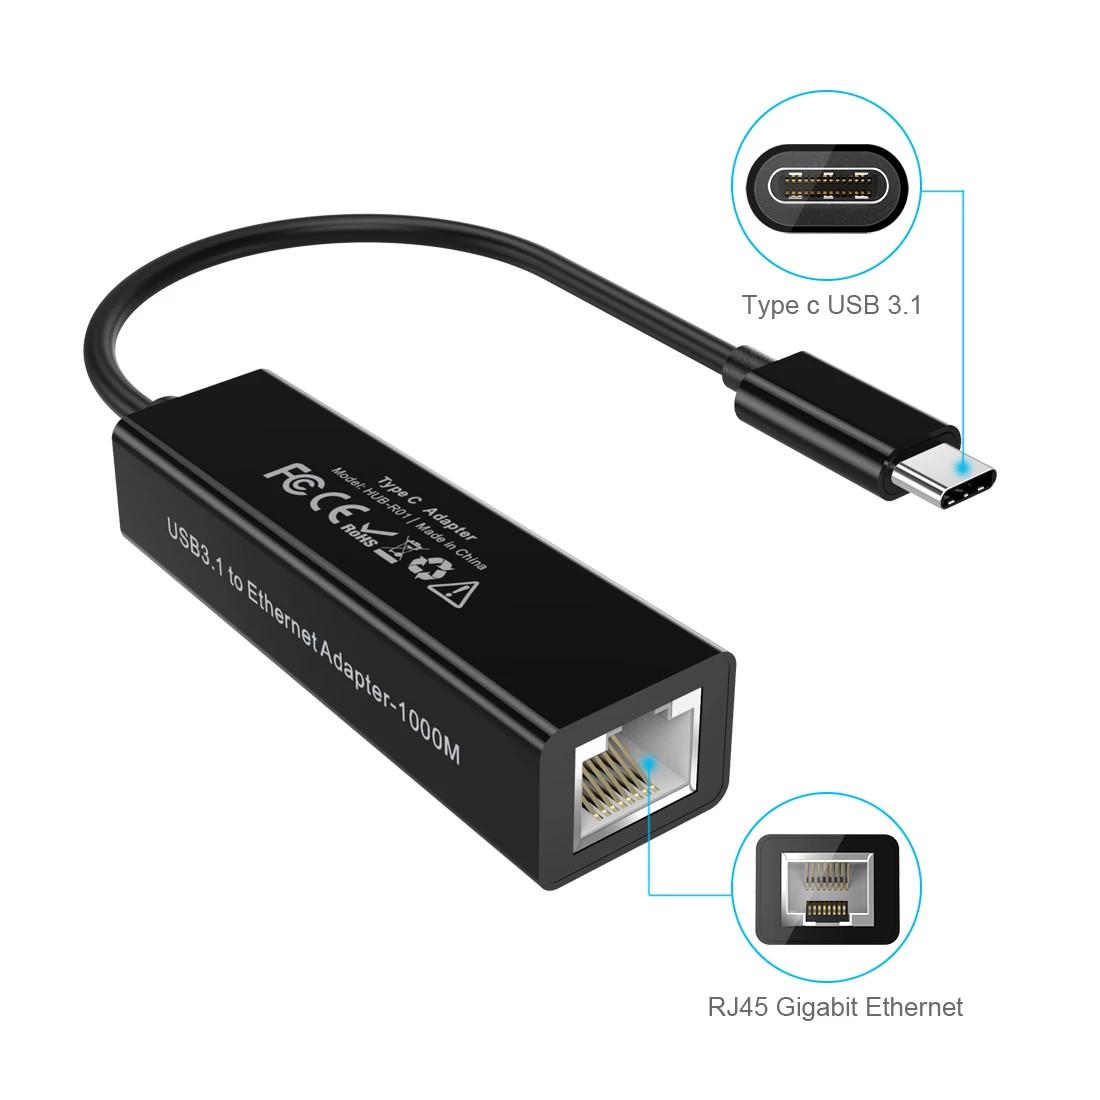 Đầu chuyển Type-C 3.1 ra cổng LAN RJ45 hiệu CHOETECH HPK-HUB-R01 cho điện thoại Macbook (Kết nối mạng có dây, thiết kế nhỏ gọn, tốc độ cao) - Hàng chính hãng